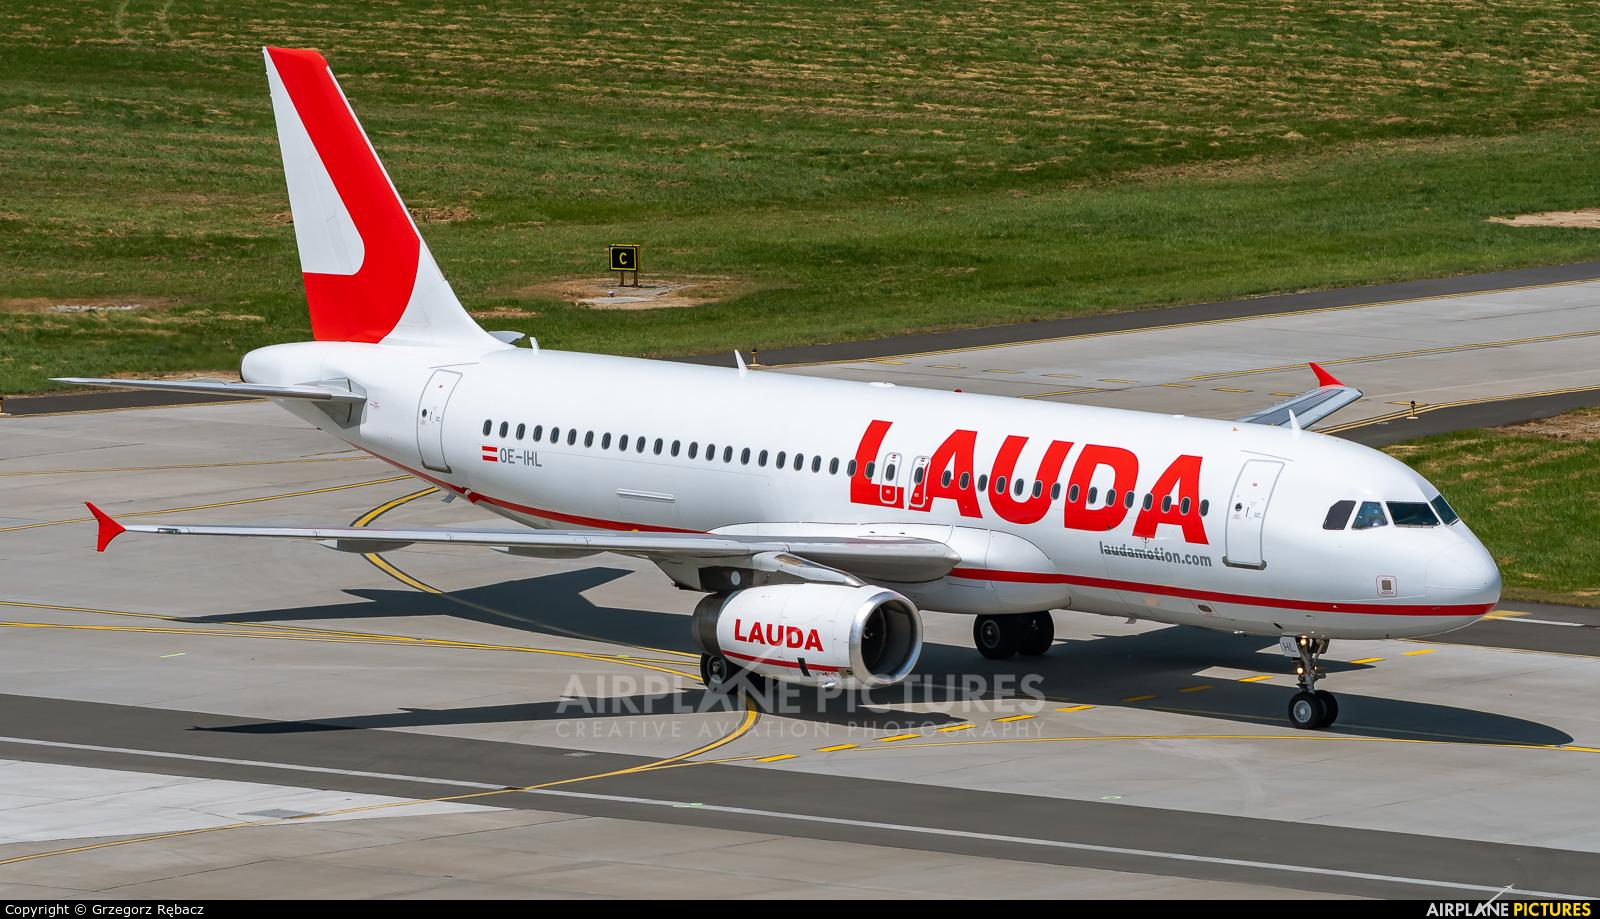 LaudaMotion OE-IHL aircraft at Kraków - John Paul II Intl